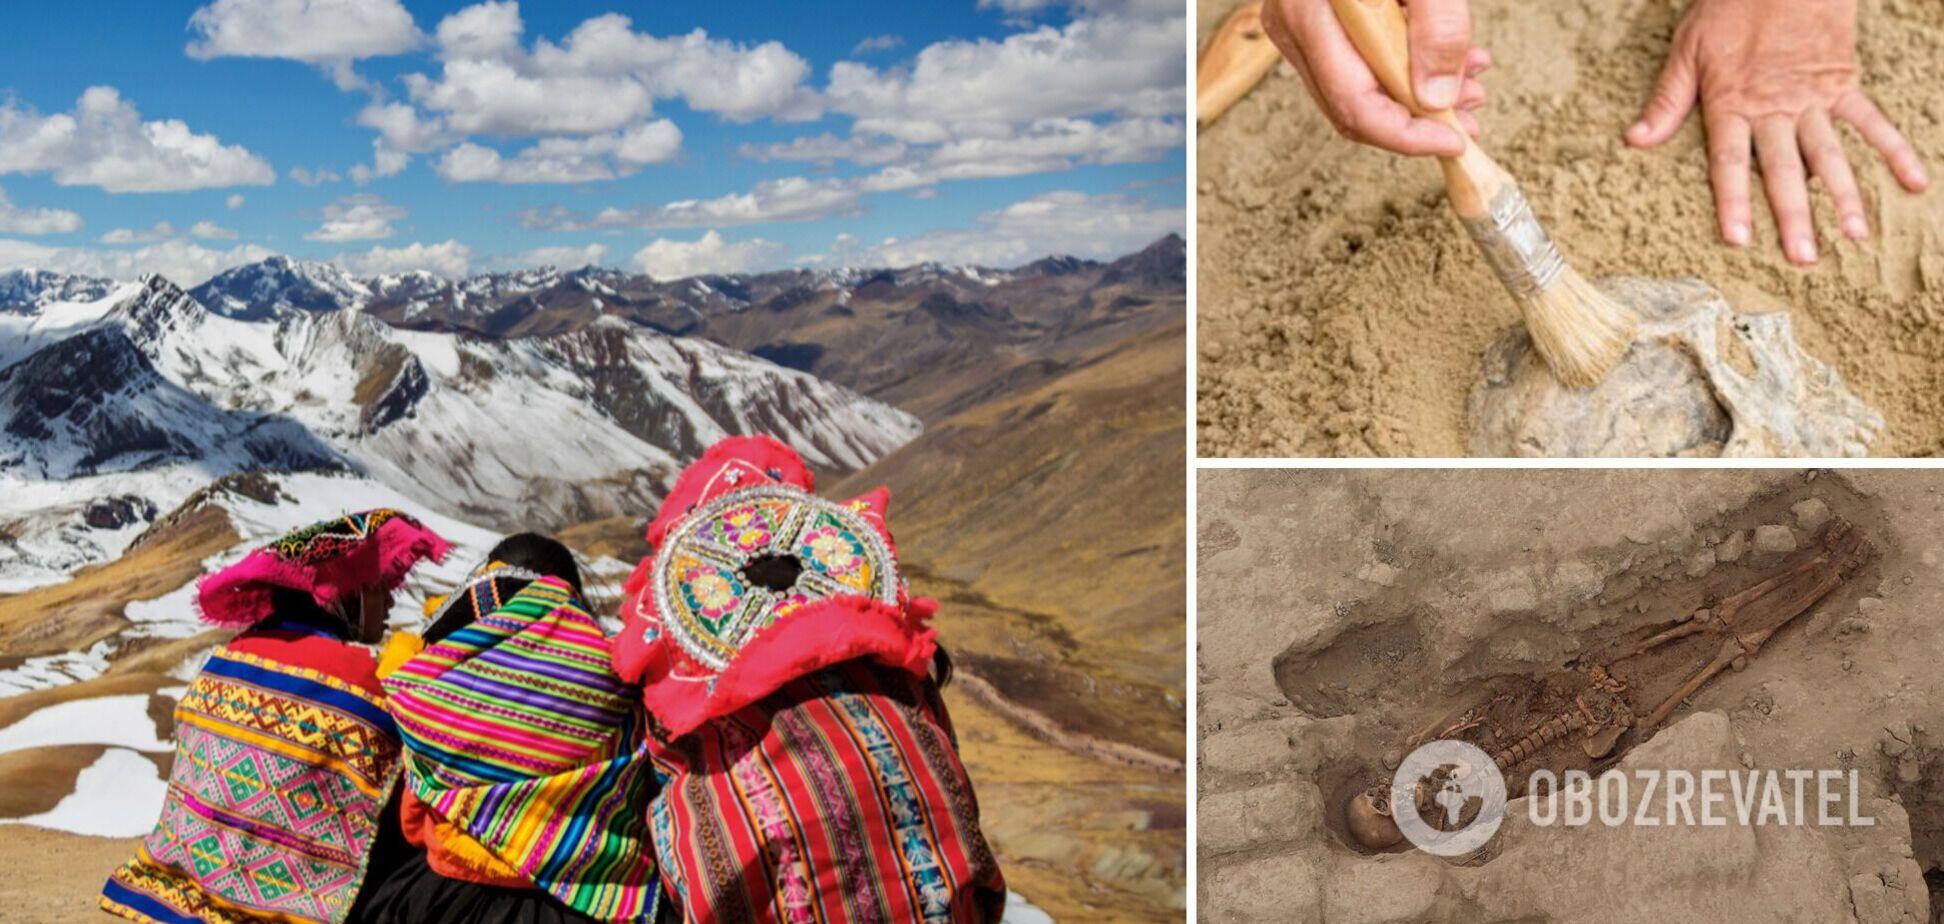 Археологи знайшли в Перу храм із десятками гробниць, яким понад 1000 років. Фото